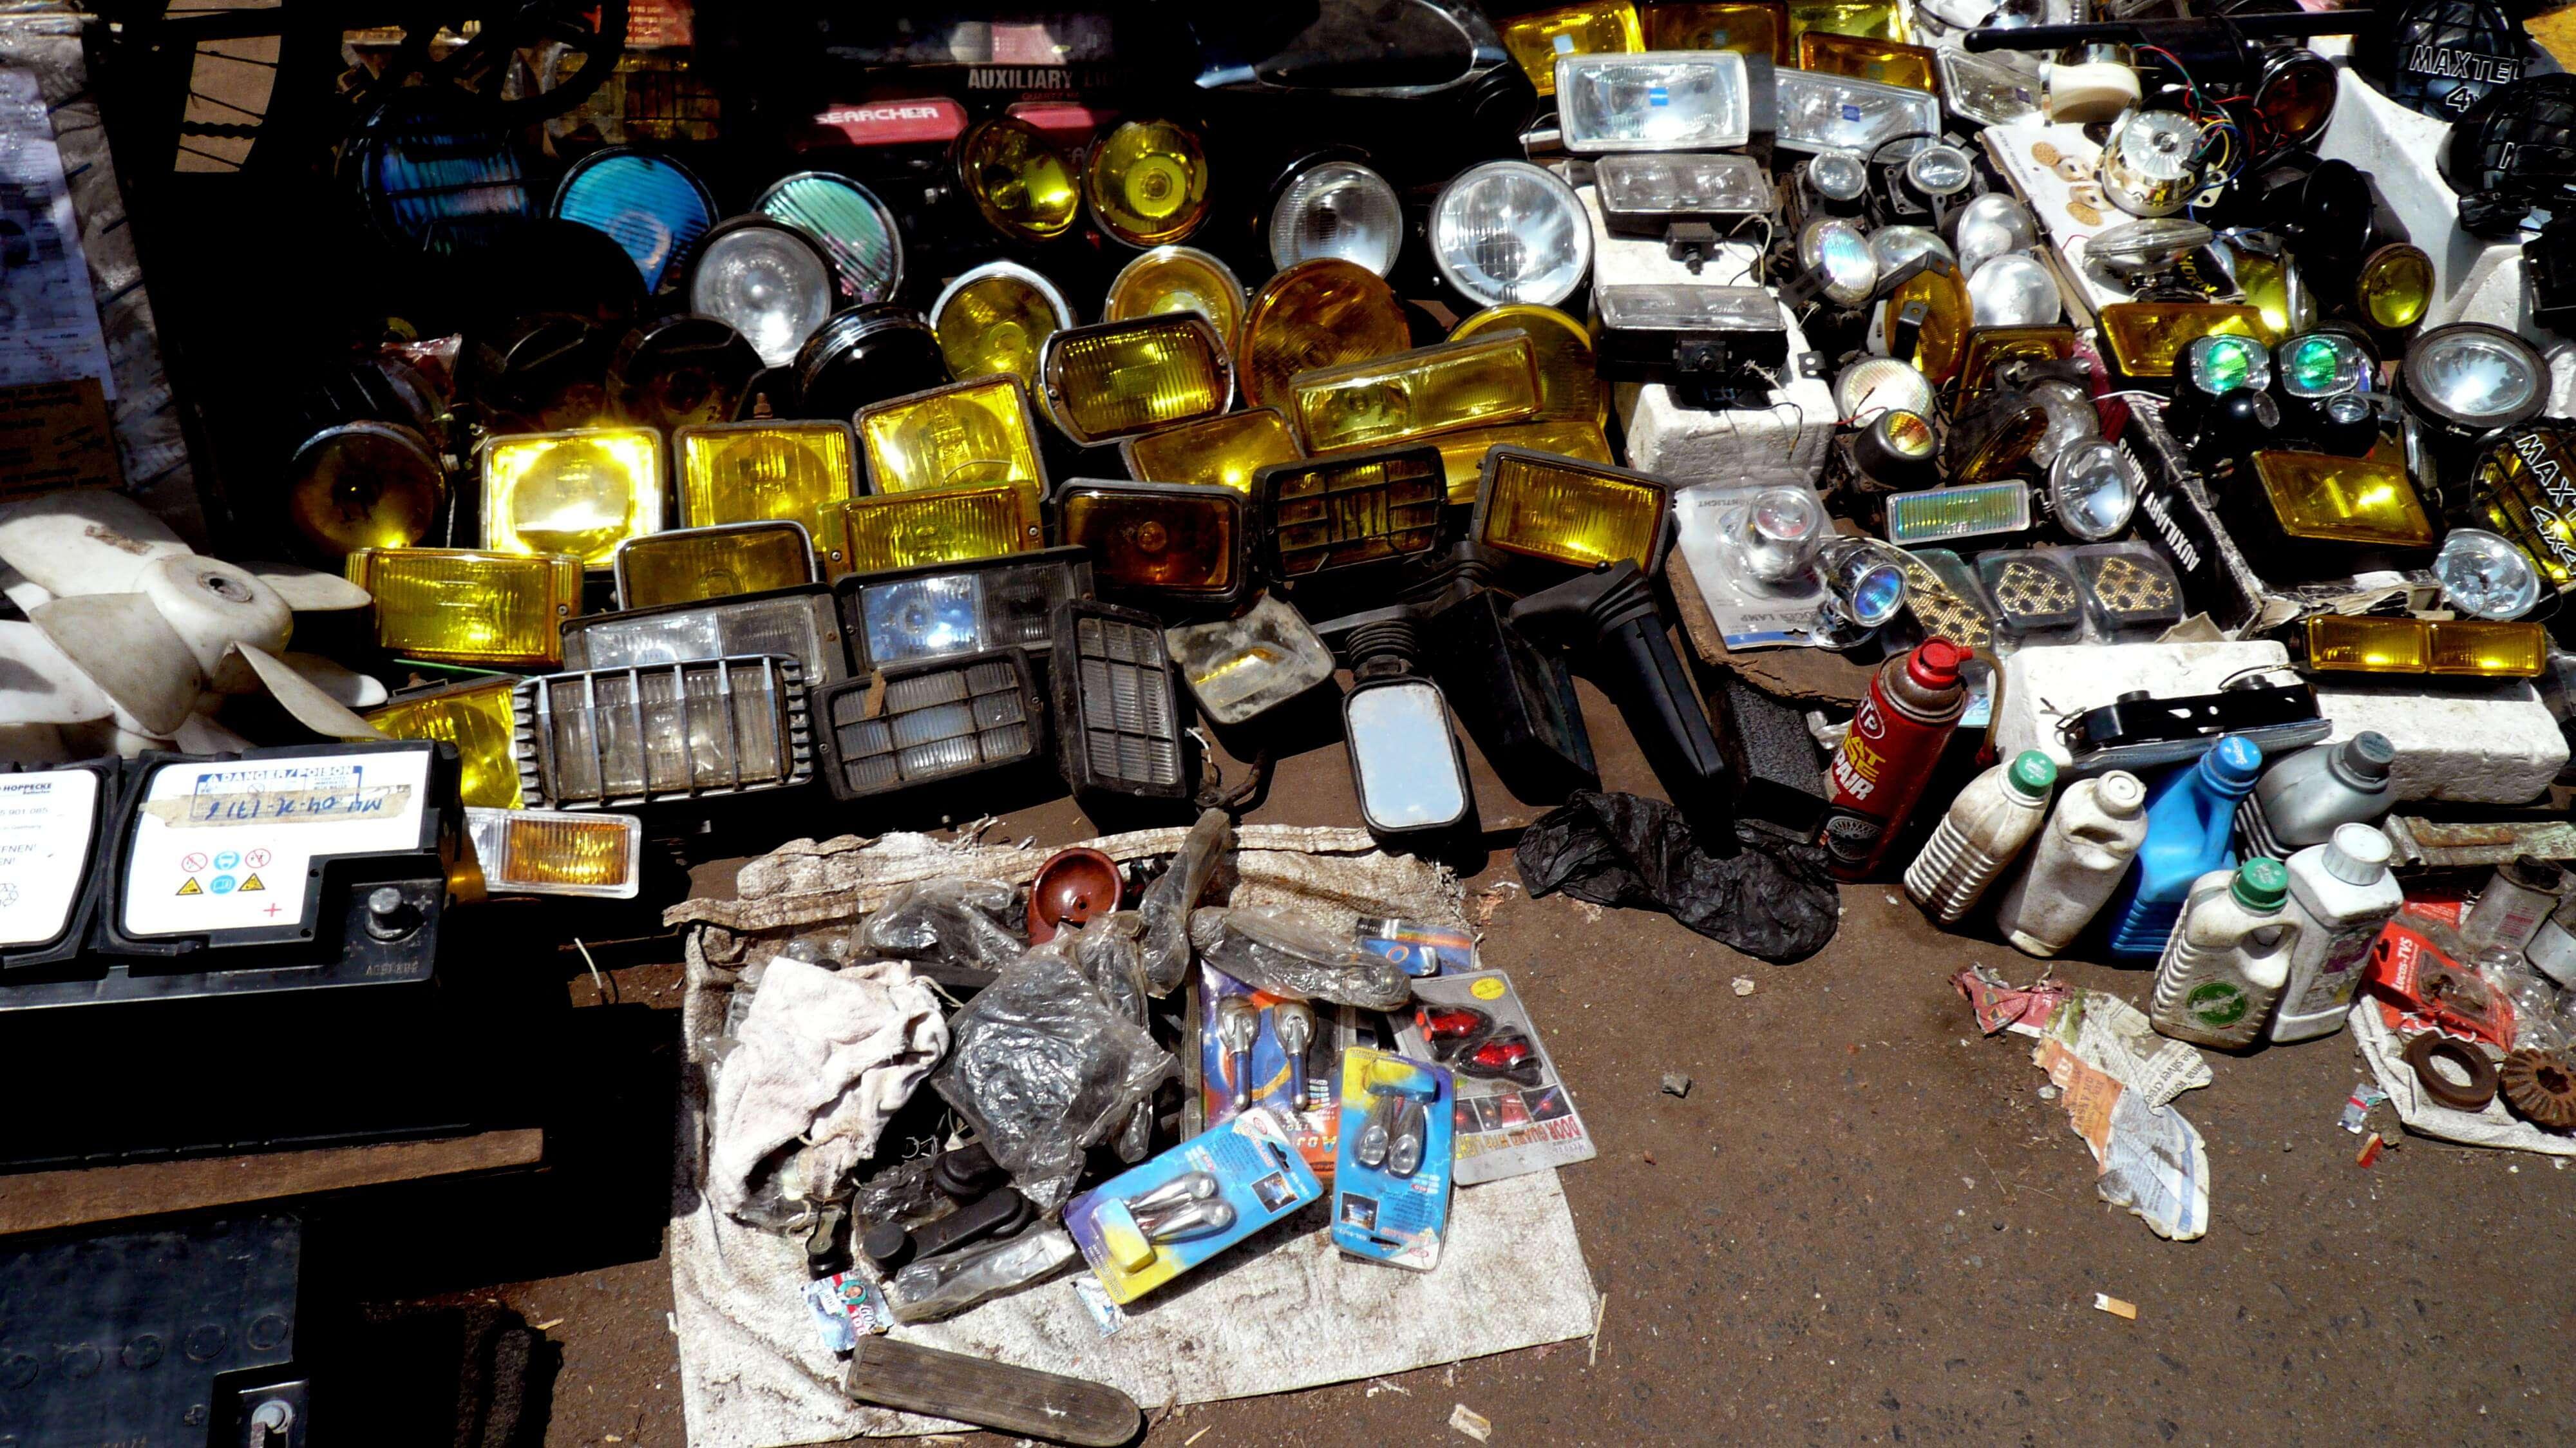 Chor bazar in Mumbai